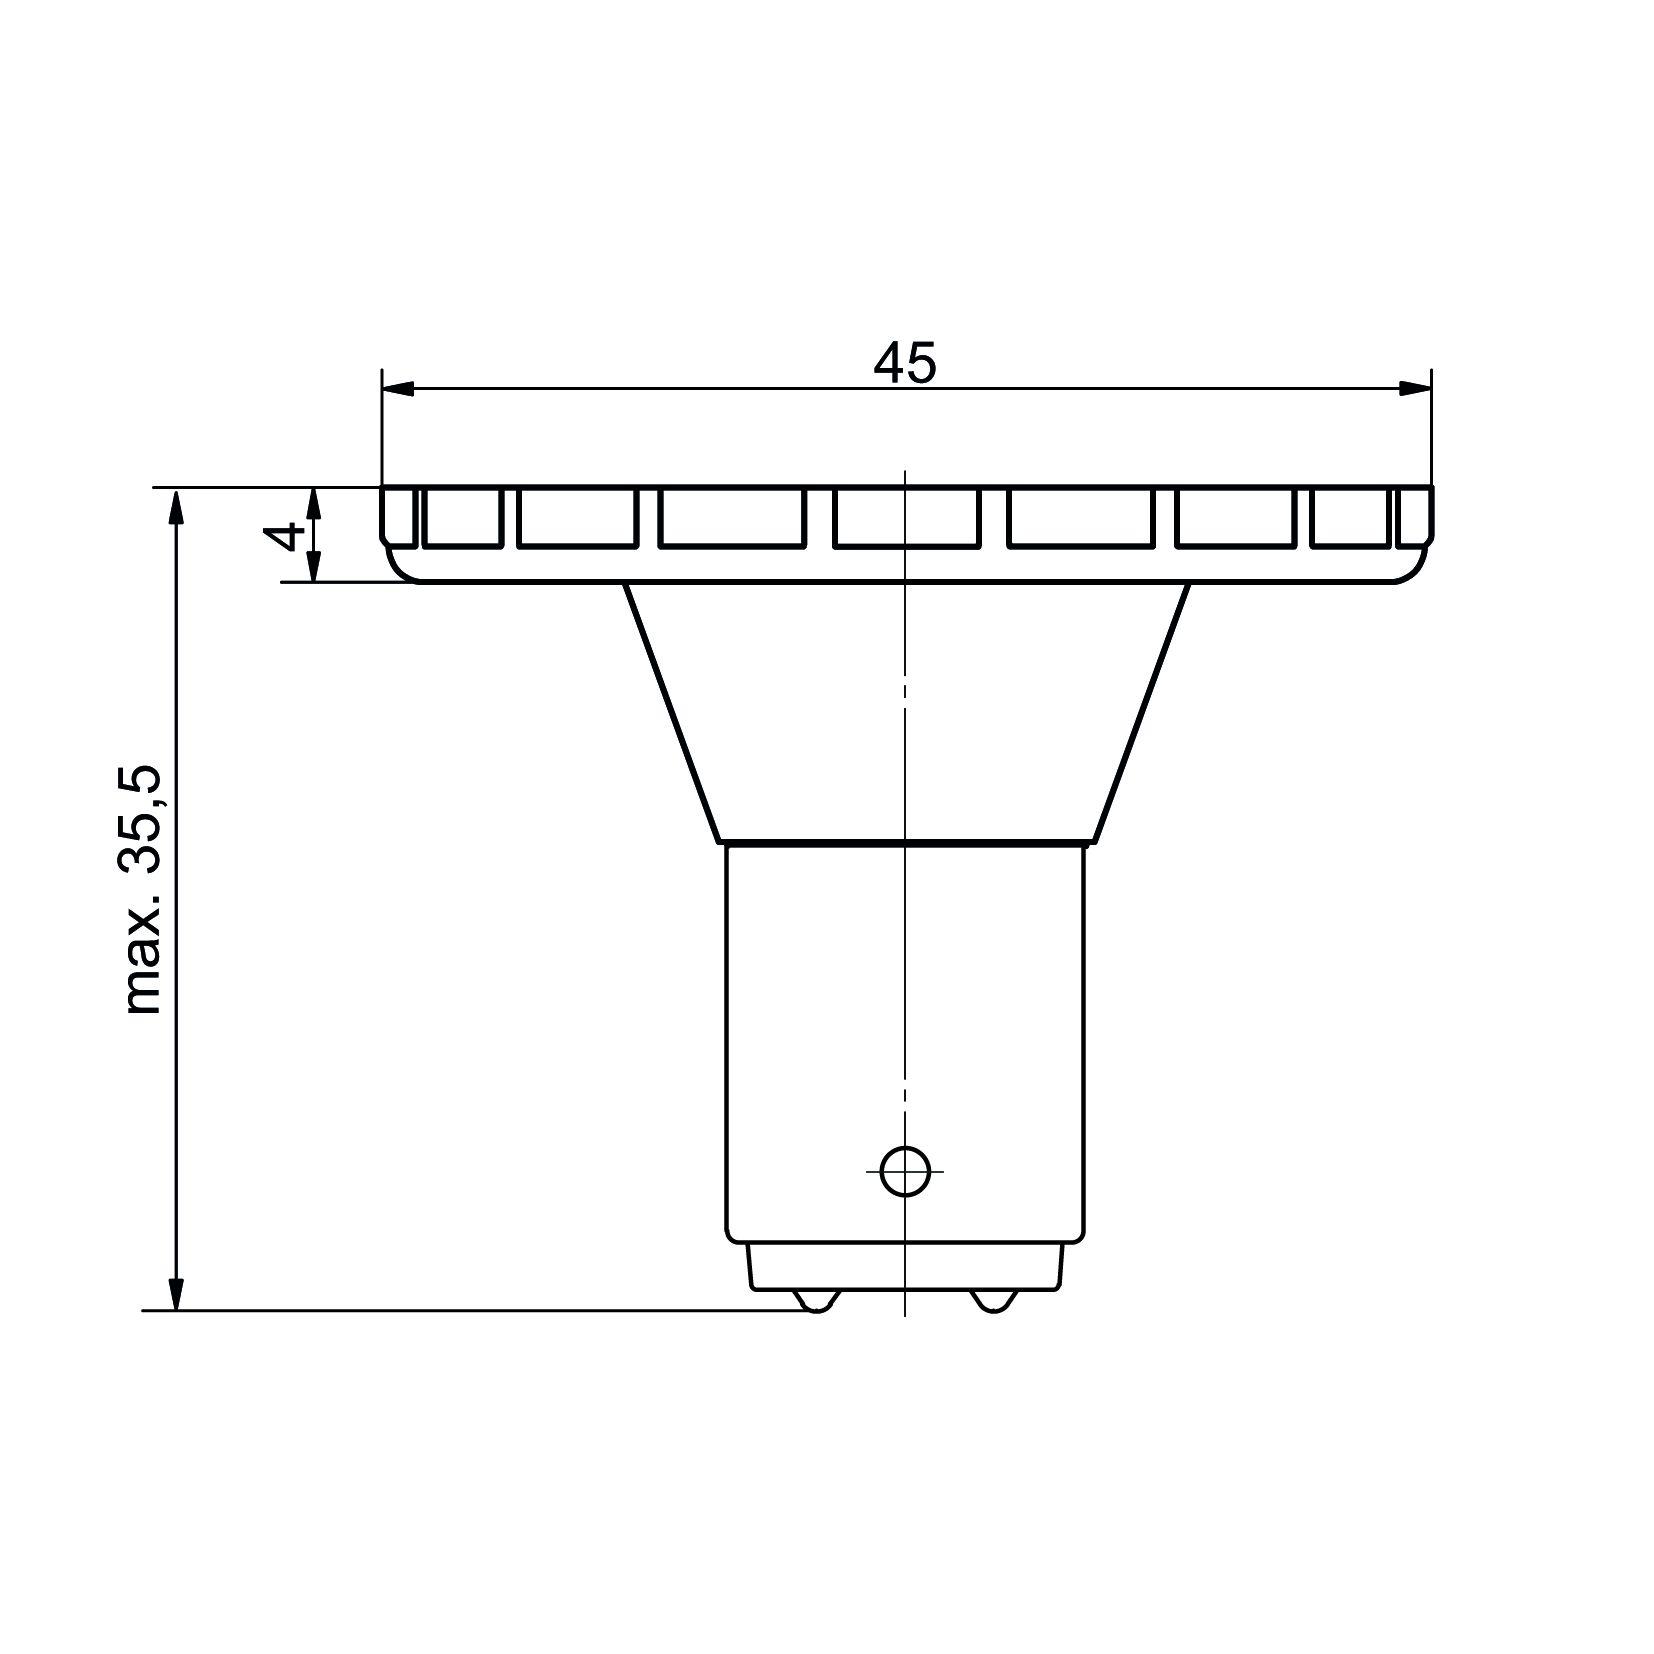 LED-Signallampe Sockel BA15d - plan